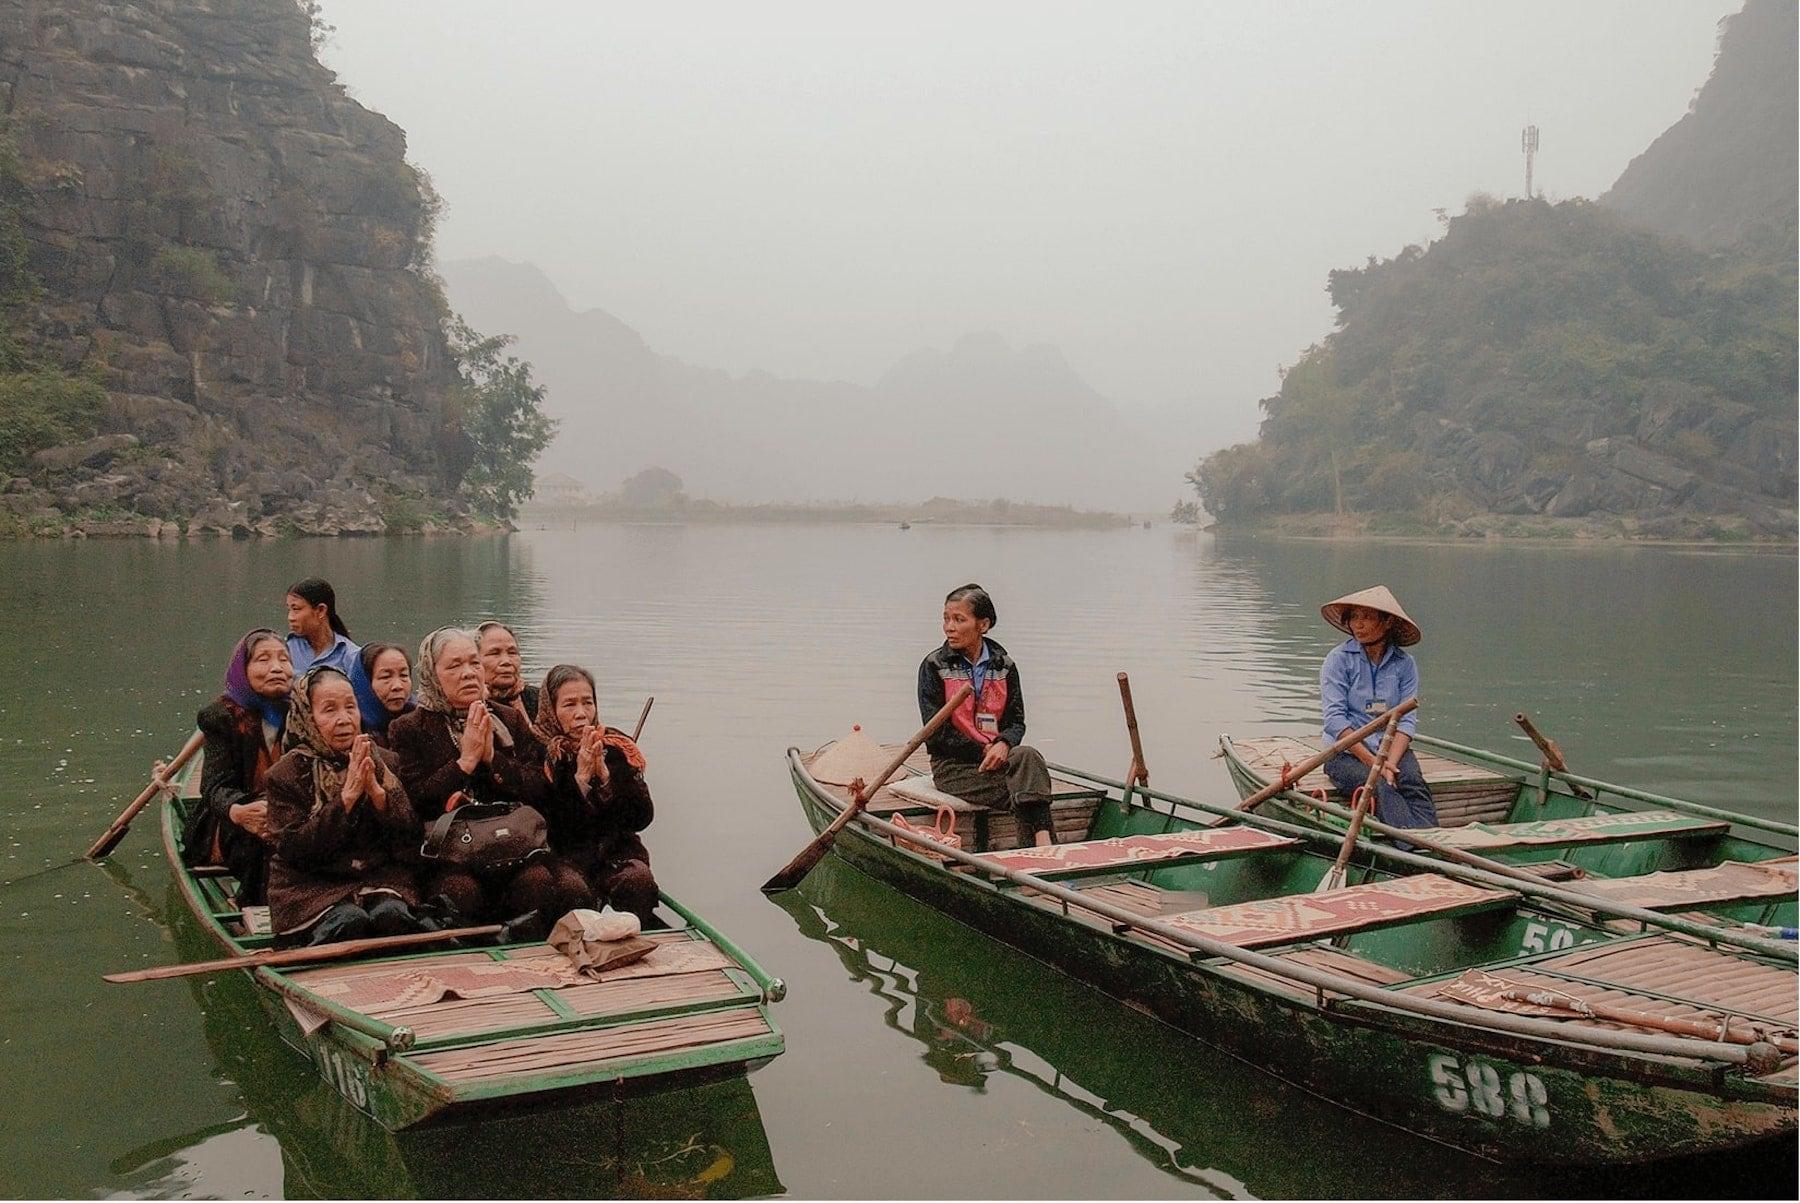 Dat Vu Điểm mặt năm nghệ sĩ nổi bật trong làng nhiếp ảnh Việt